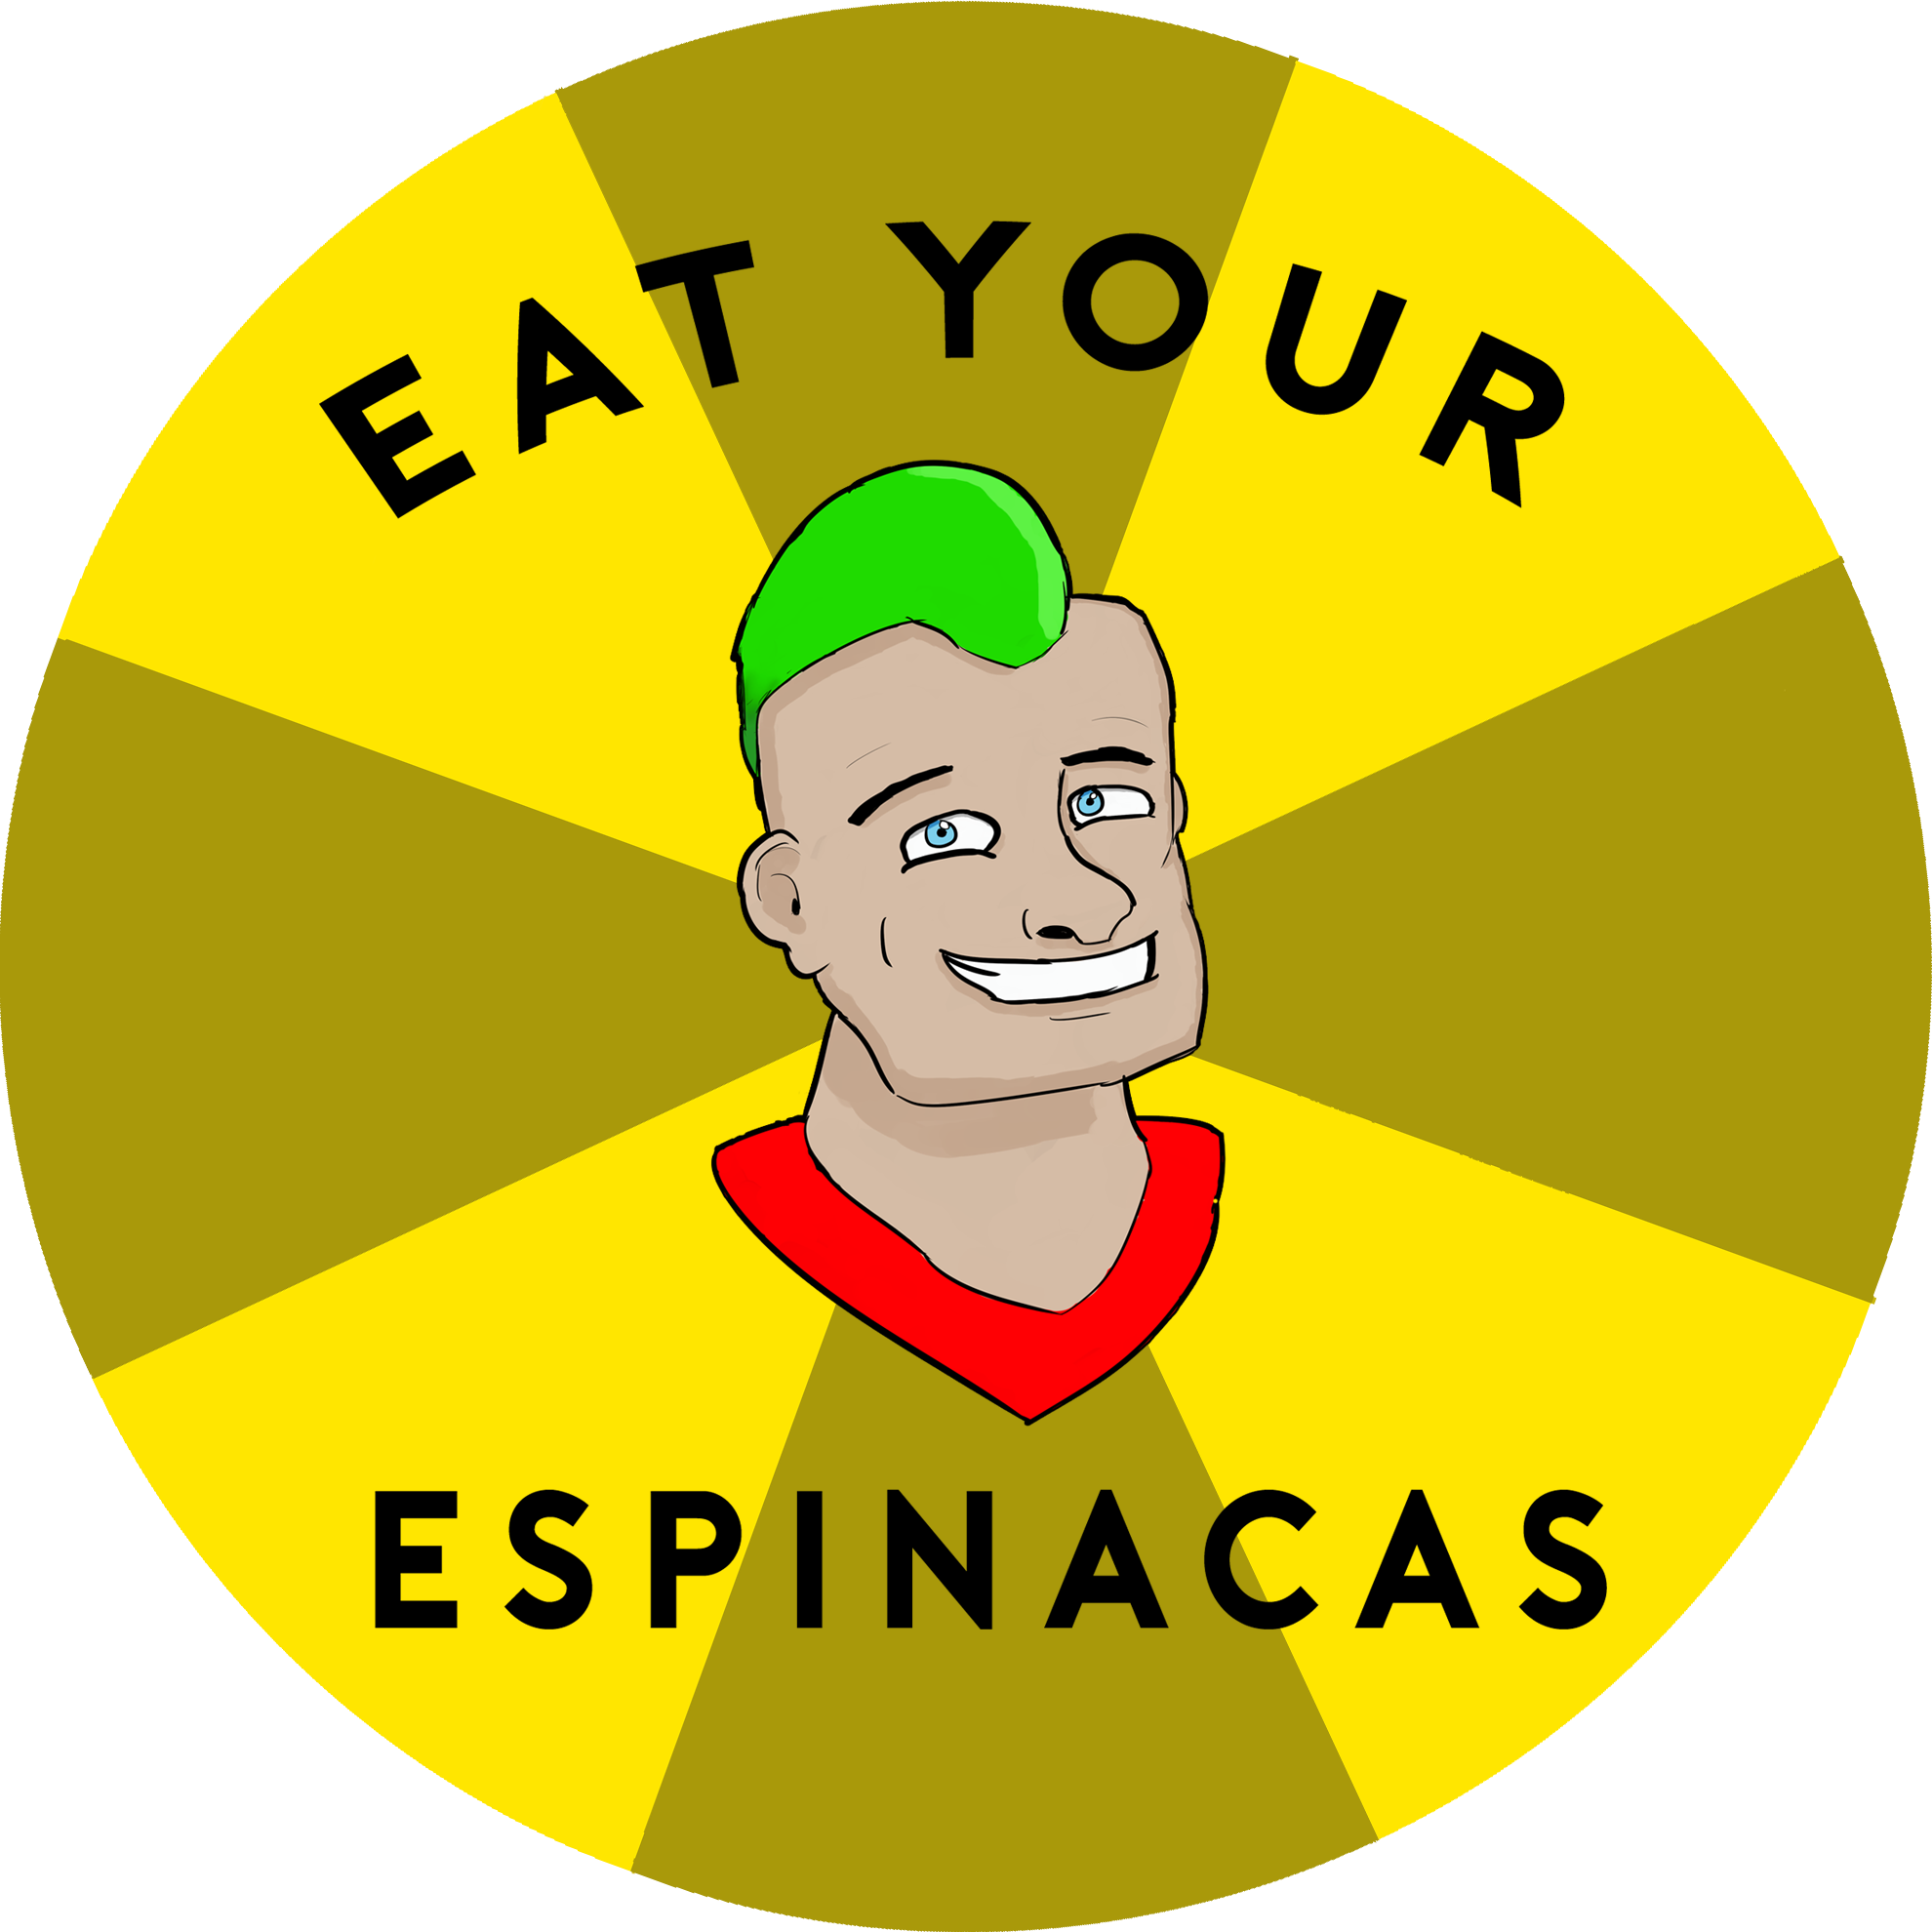 Eat your ESPINACAS